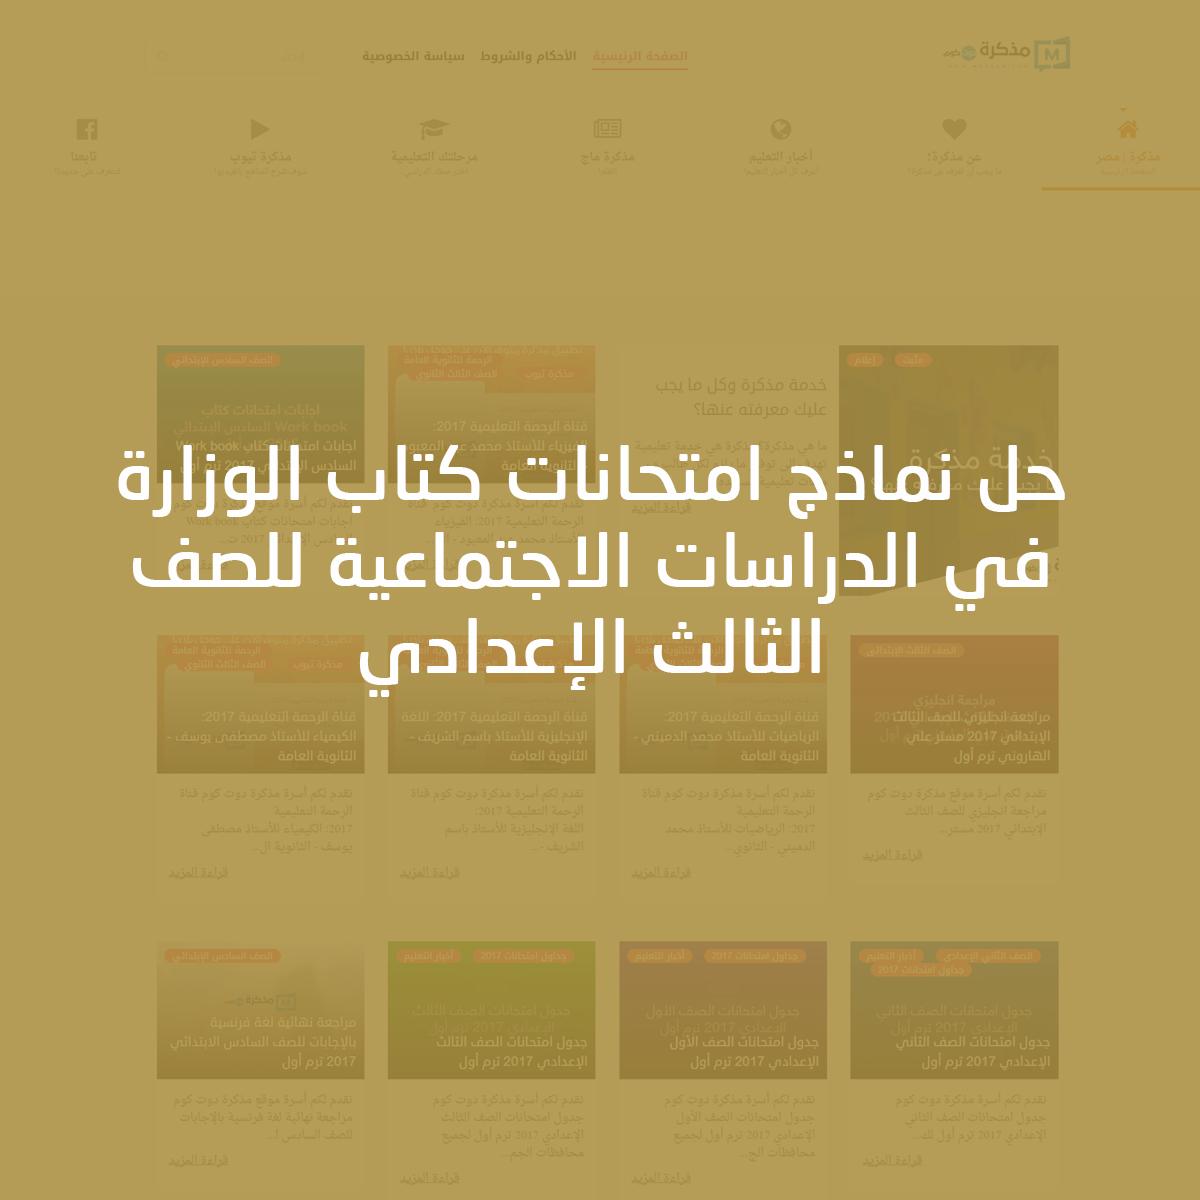 حل نماذج امتحانات كتاب الوزارة في الدراسات الاجتماعية للصف الثالث الإعدادي Egypt Weather